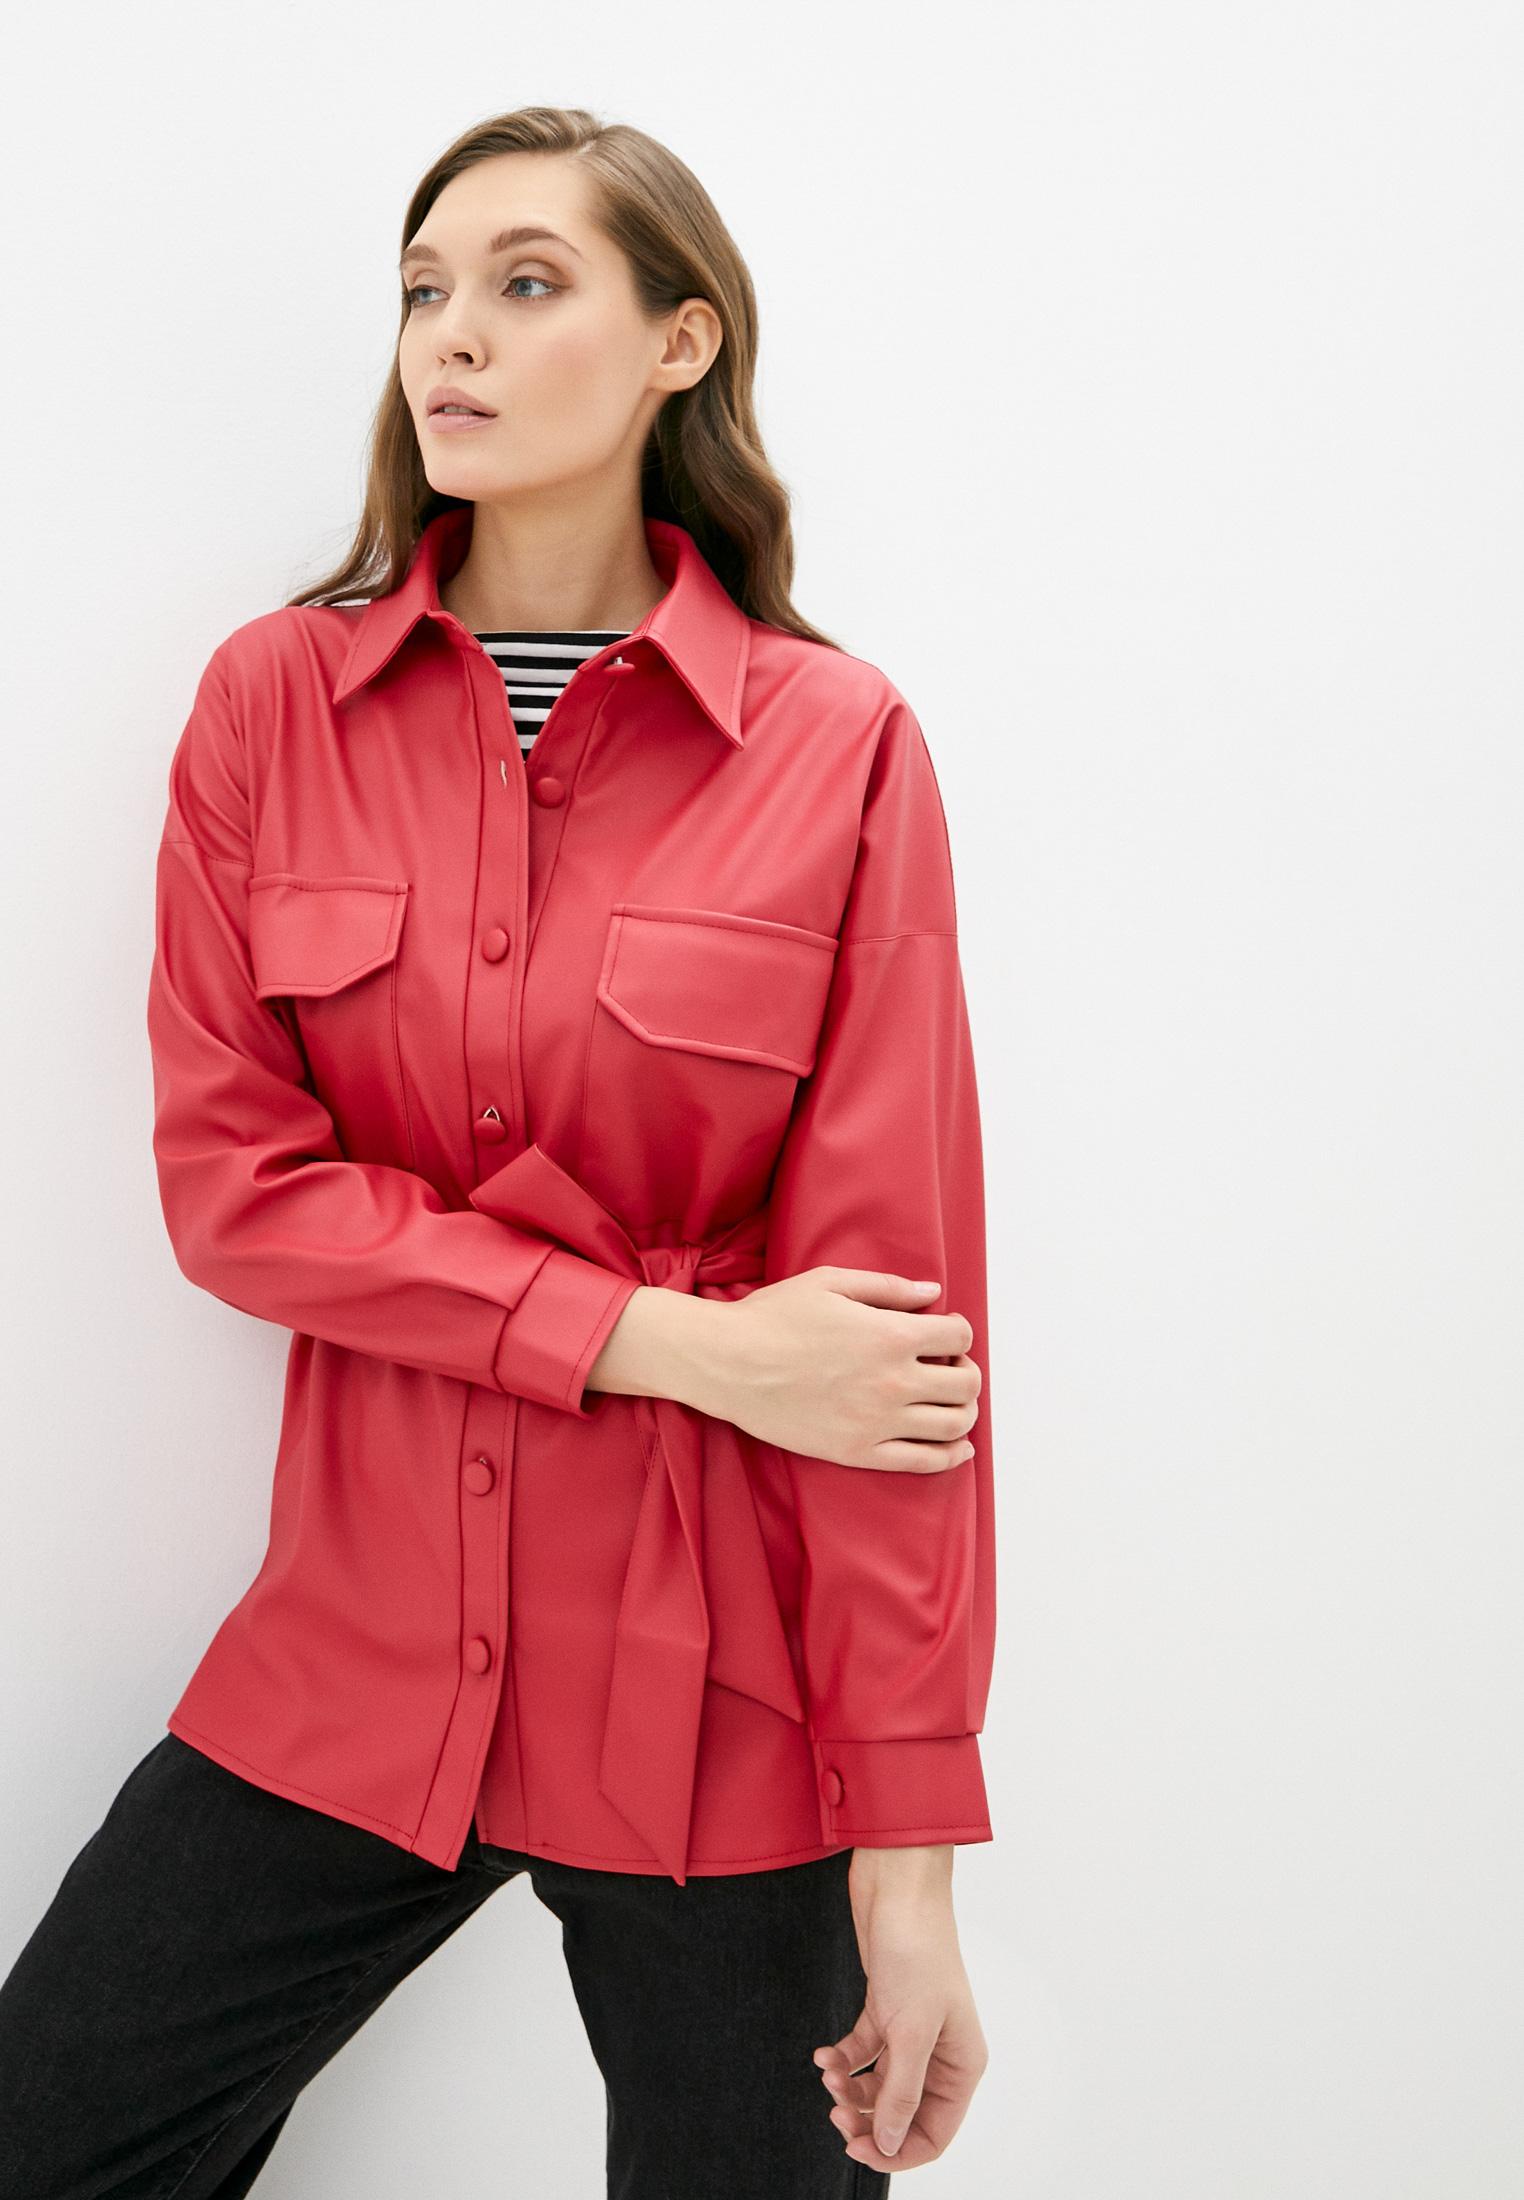 Женские рубашки с длинным рукавом Pinkkarrot Рубашка Pinkkarrot